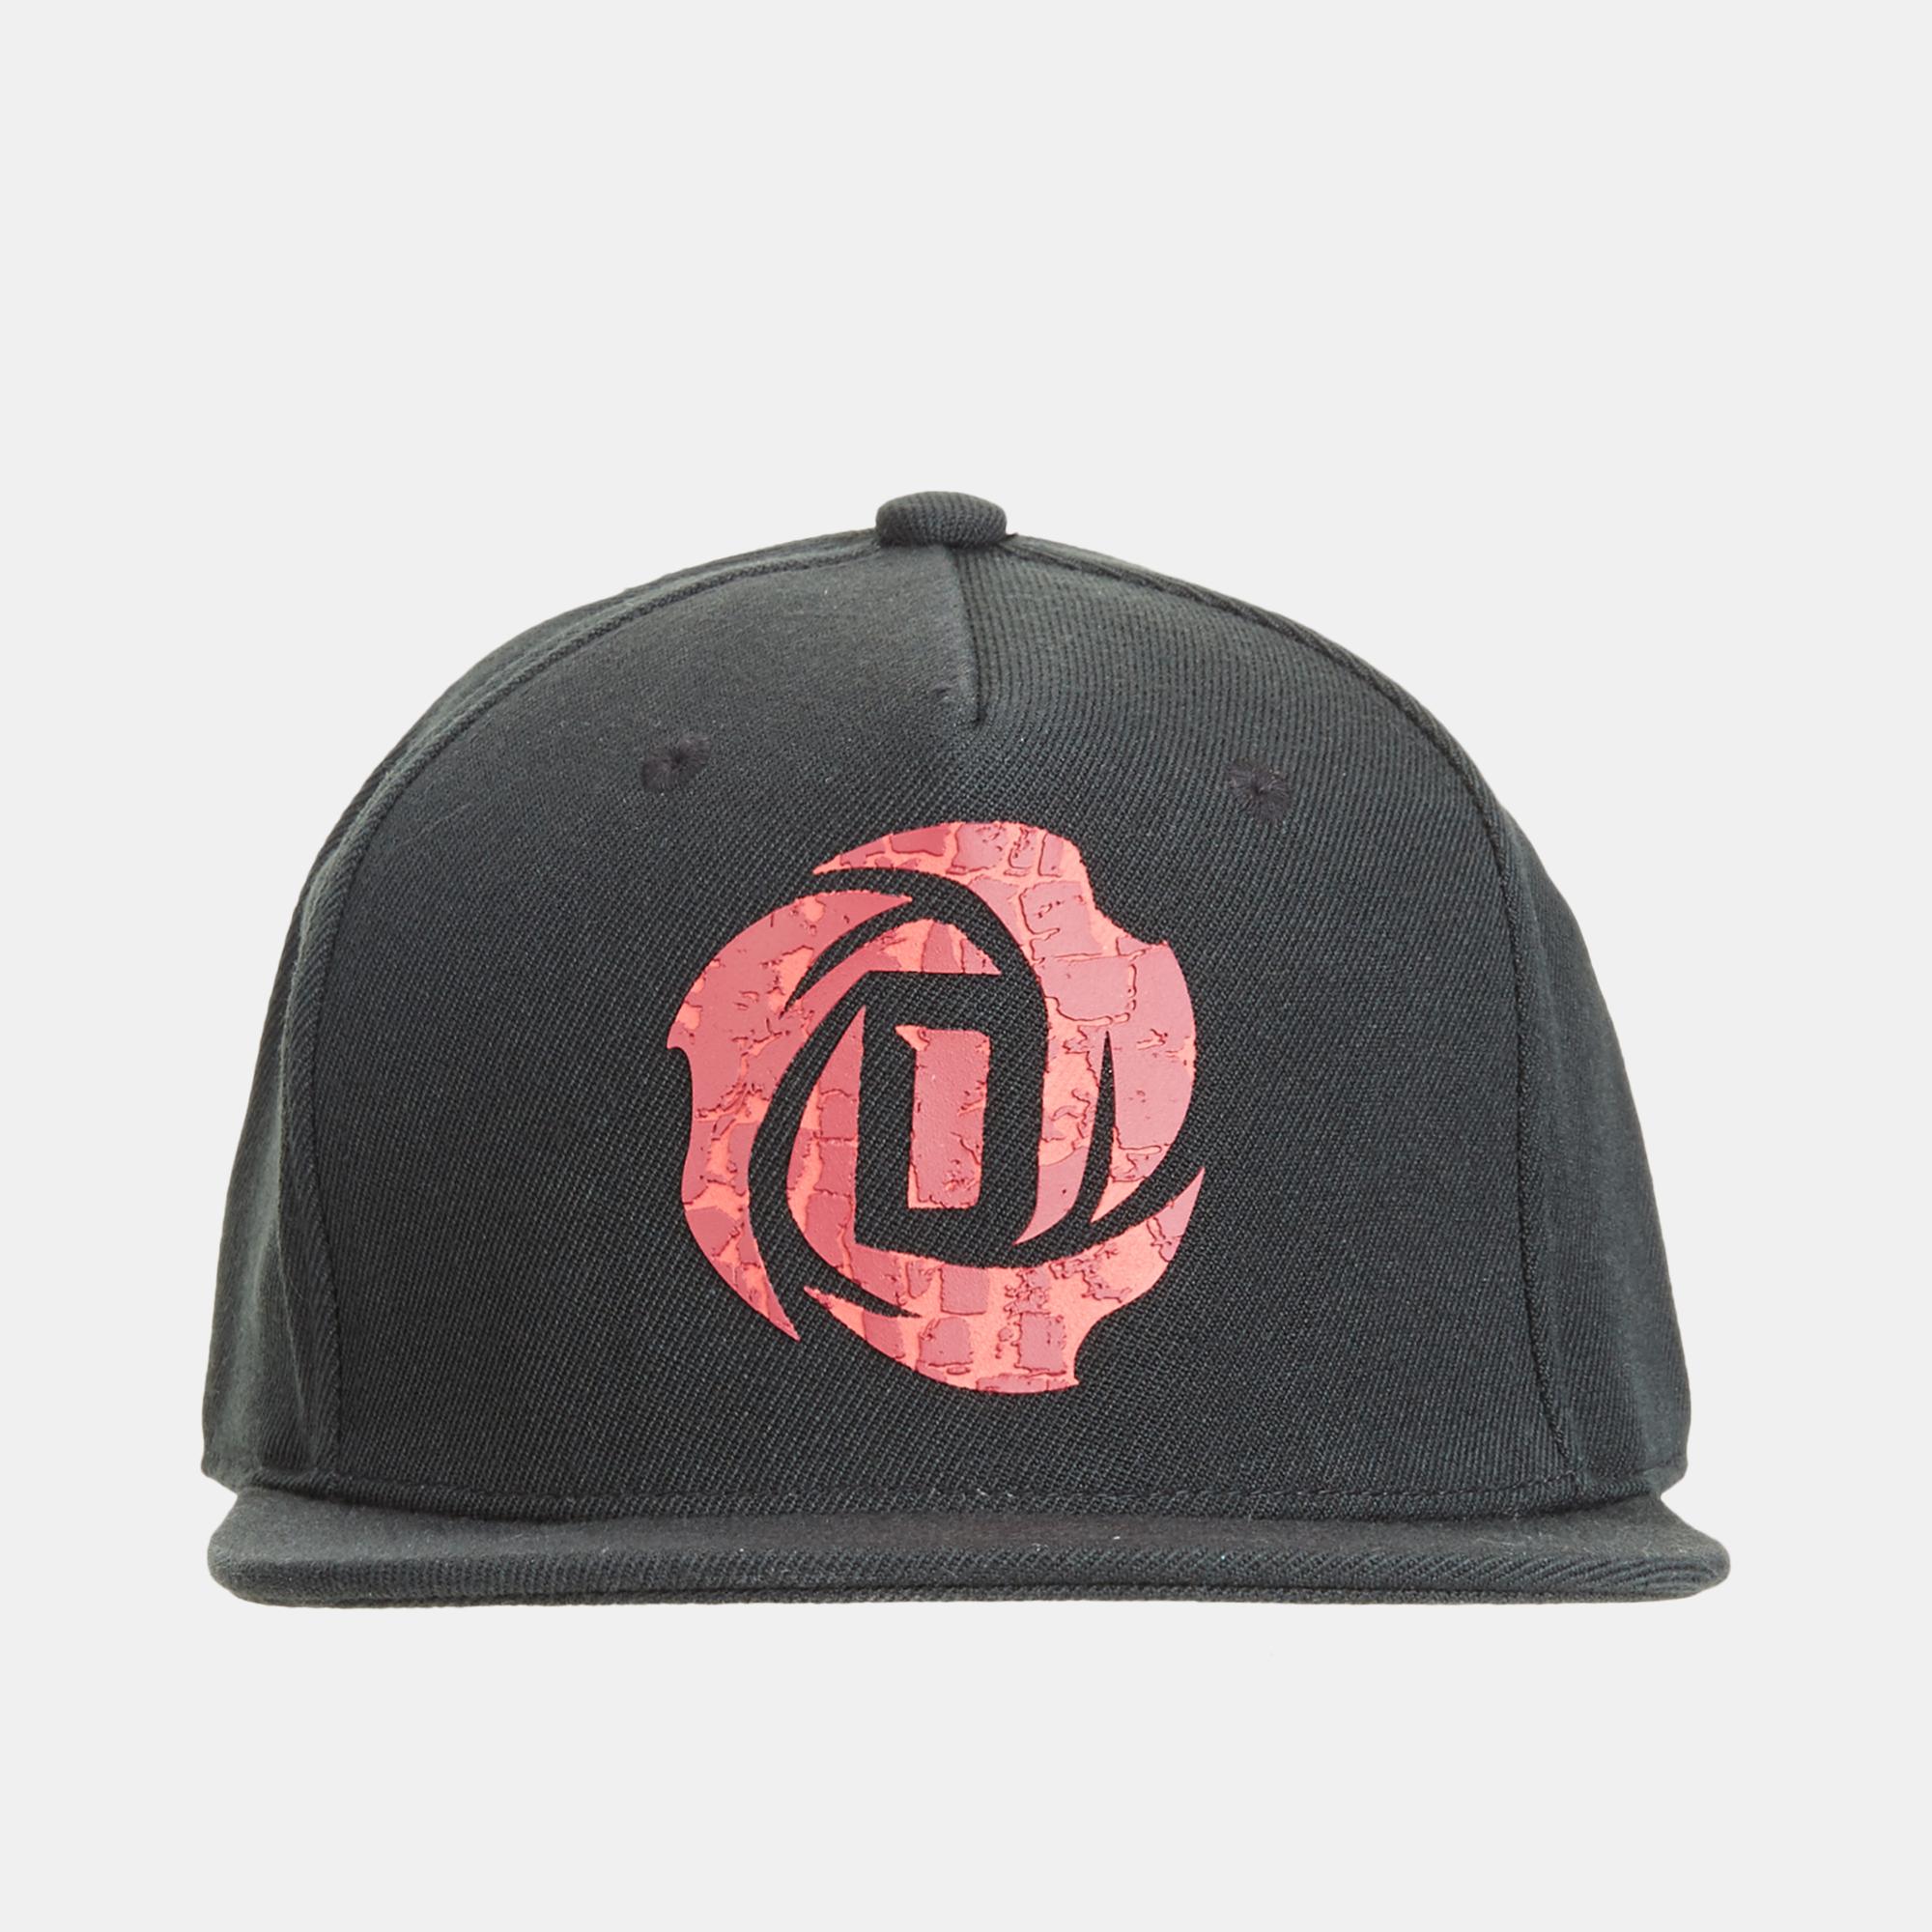 adidas D Rose 5.0 Snapback Cap  3bf8e84f31e